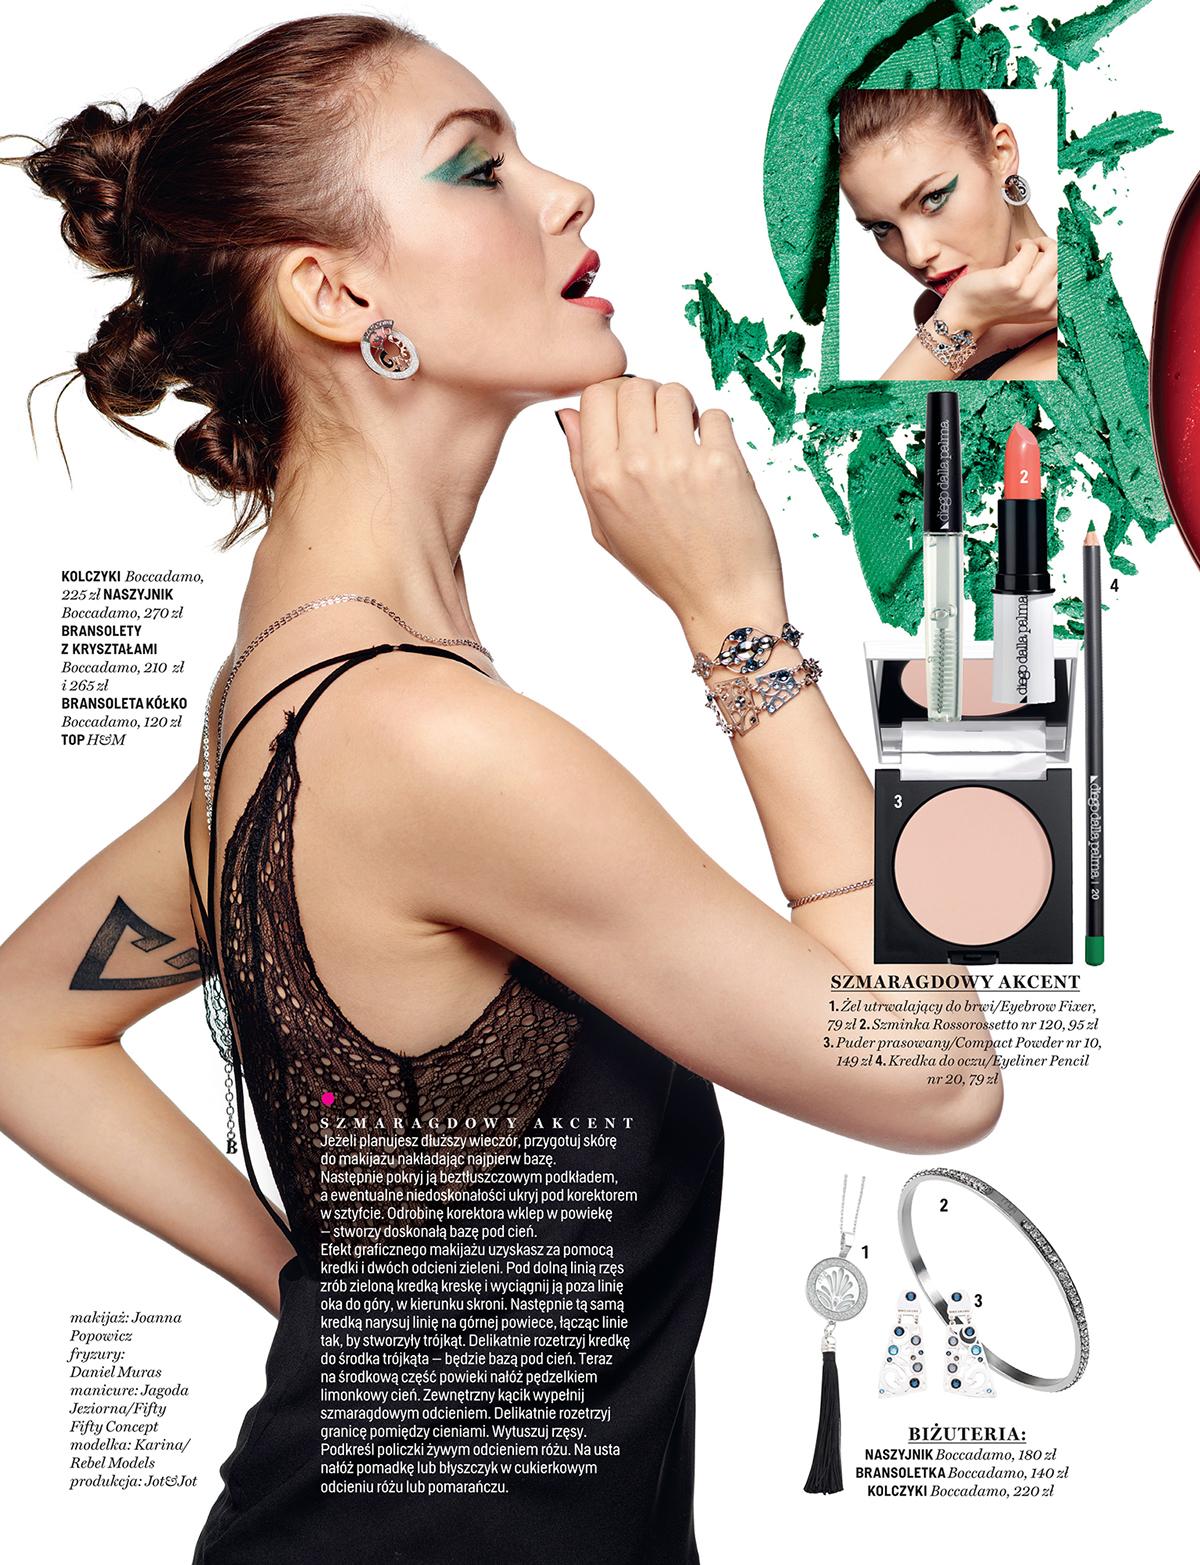 Karina Rebel Models For Cosmopolitan Pl On Behance